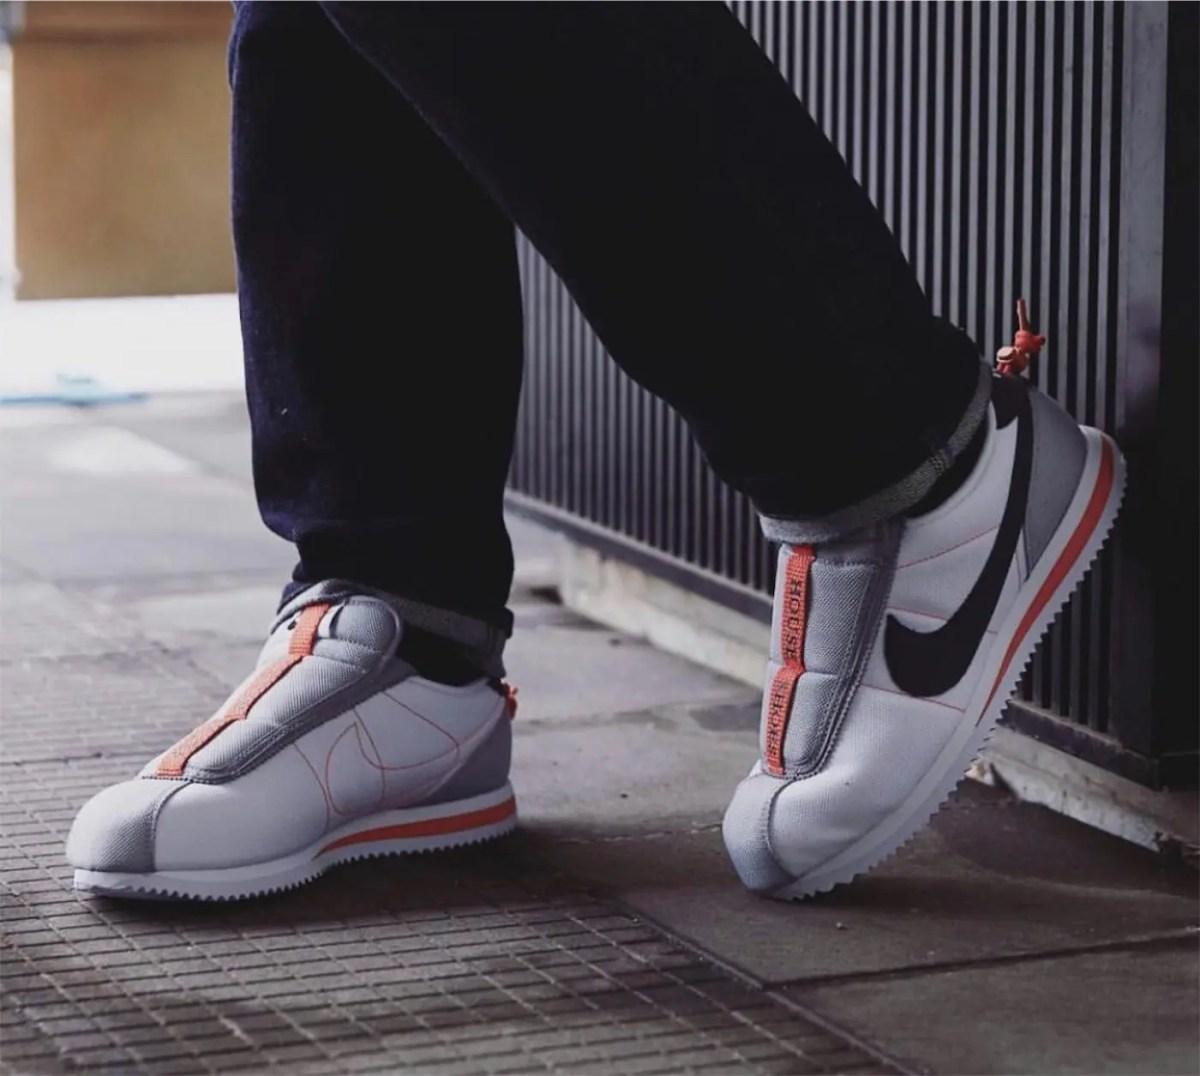 10/14【Nike x Kendric Lamar Cortez Basic Slip】ナイキとケンドリックラマーのコラボ新作発売!(AV2950-100)